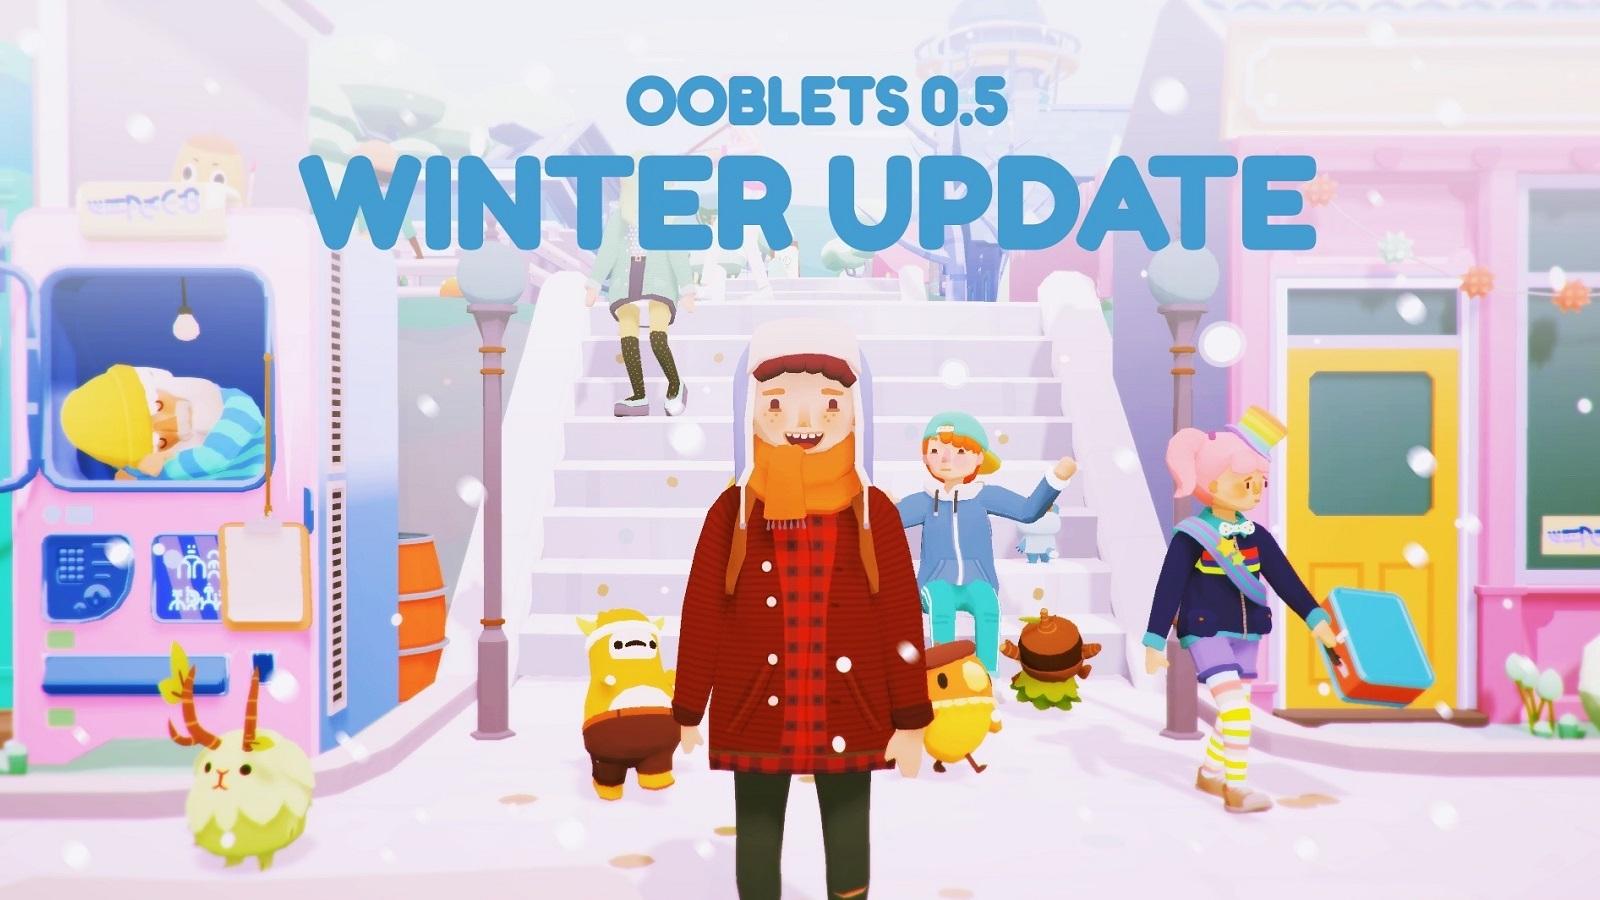 С выходом обновления 0.5 в Ooblets пришла зима, но не новый регион